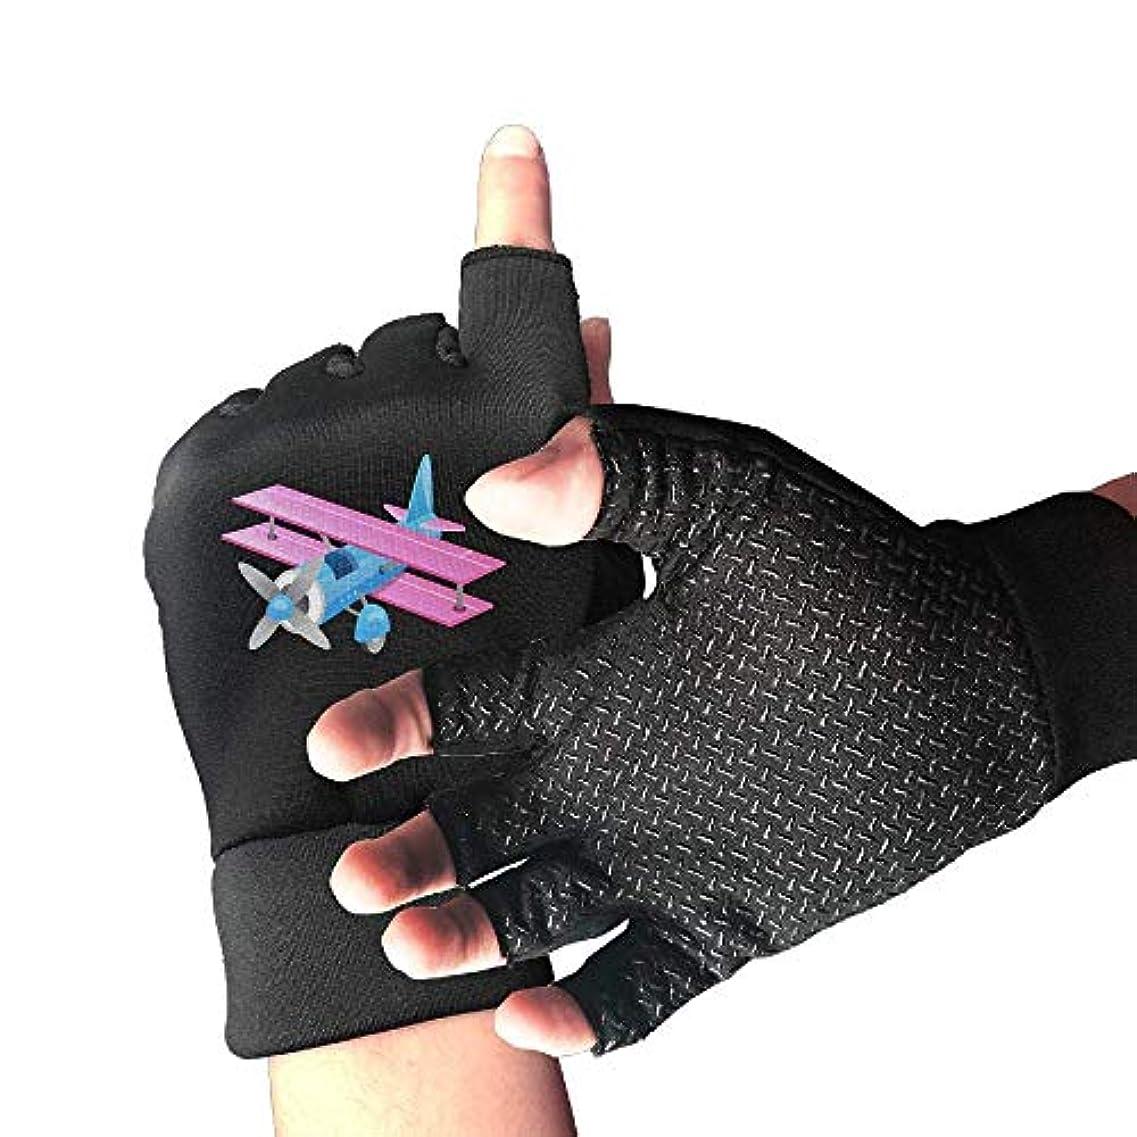 オートマトンコメンテーター土砂降りCycling Gloves Toy Airplane Men's/Women's Mountain Bike Gloves Half Finger Anti-Slip Motorcycle Gloves